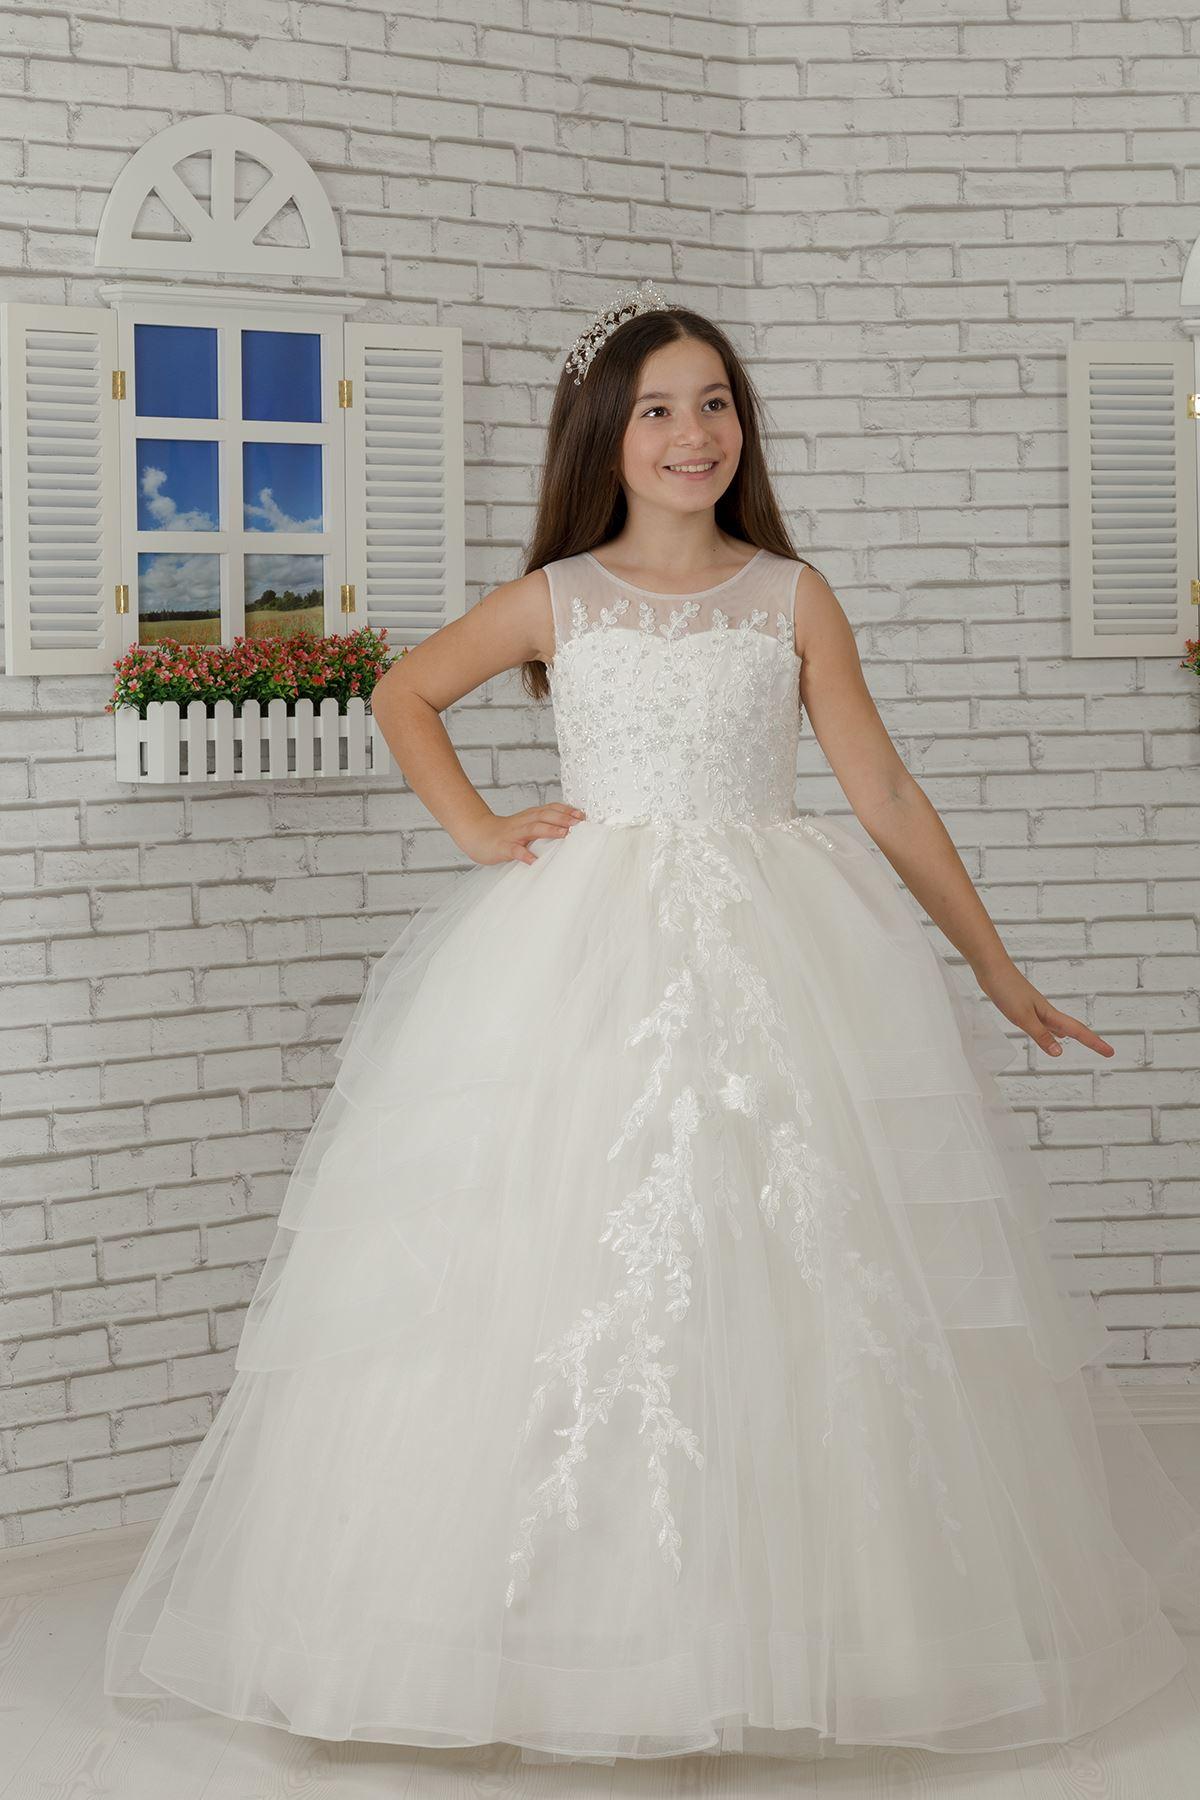 Kat Kat Etek ve Aplik Detaylı Kabarık Kız Çocuk Abiye Elbise 610 Krem